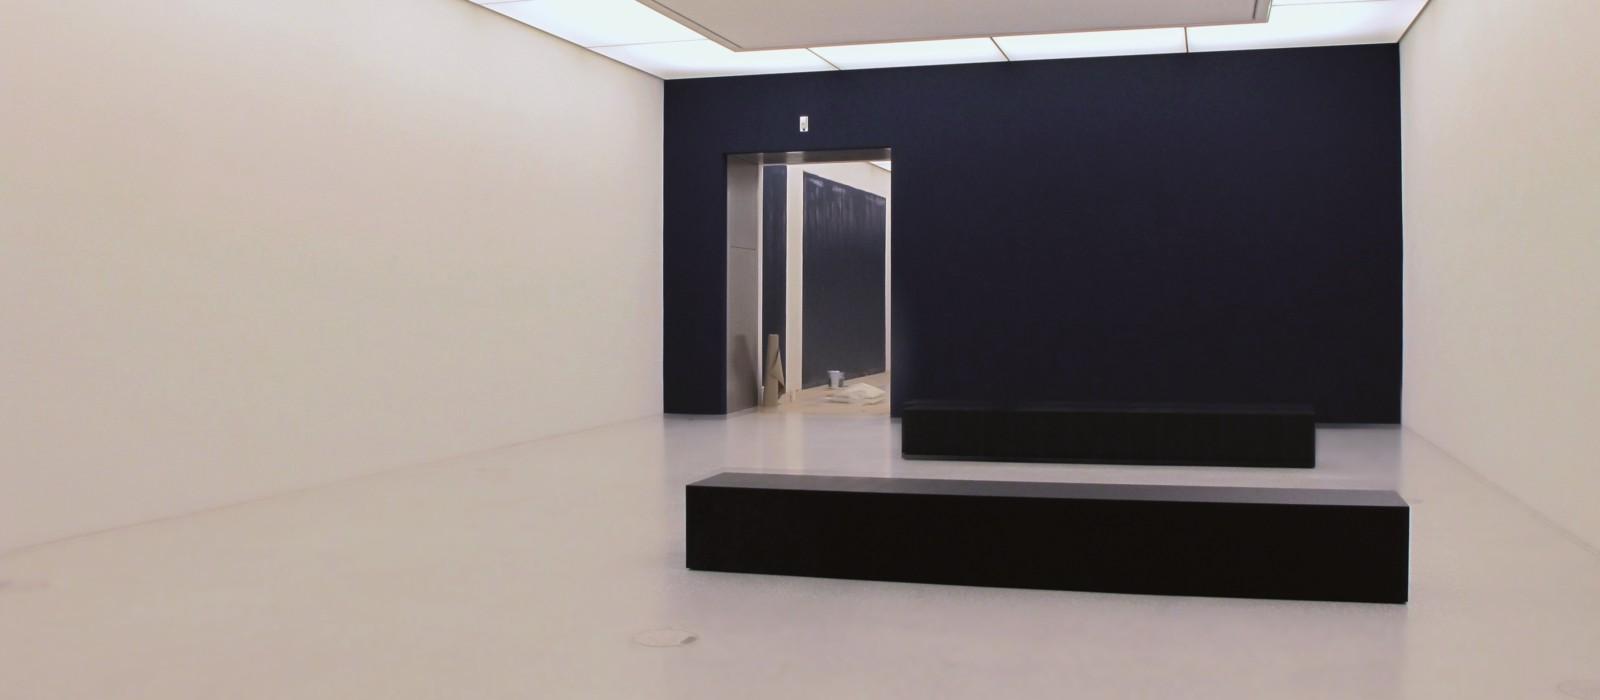 """für Kunst und Kultur, Münster, werden für die erste Sonderausstellung """"Das nackte Leben nach der Neueröffnung vorbereitet"""